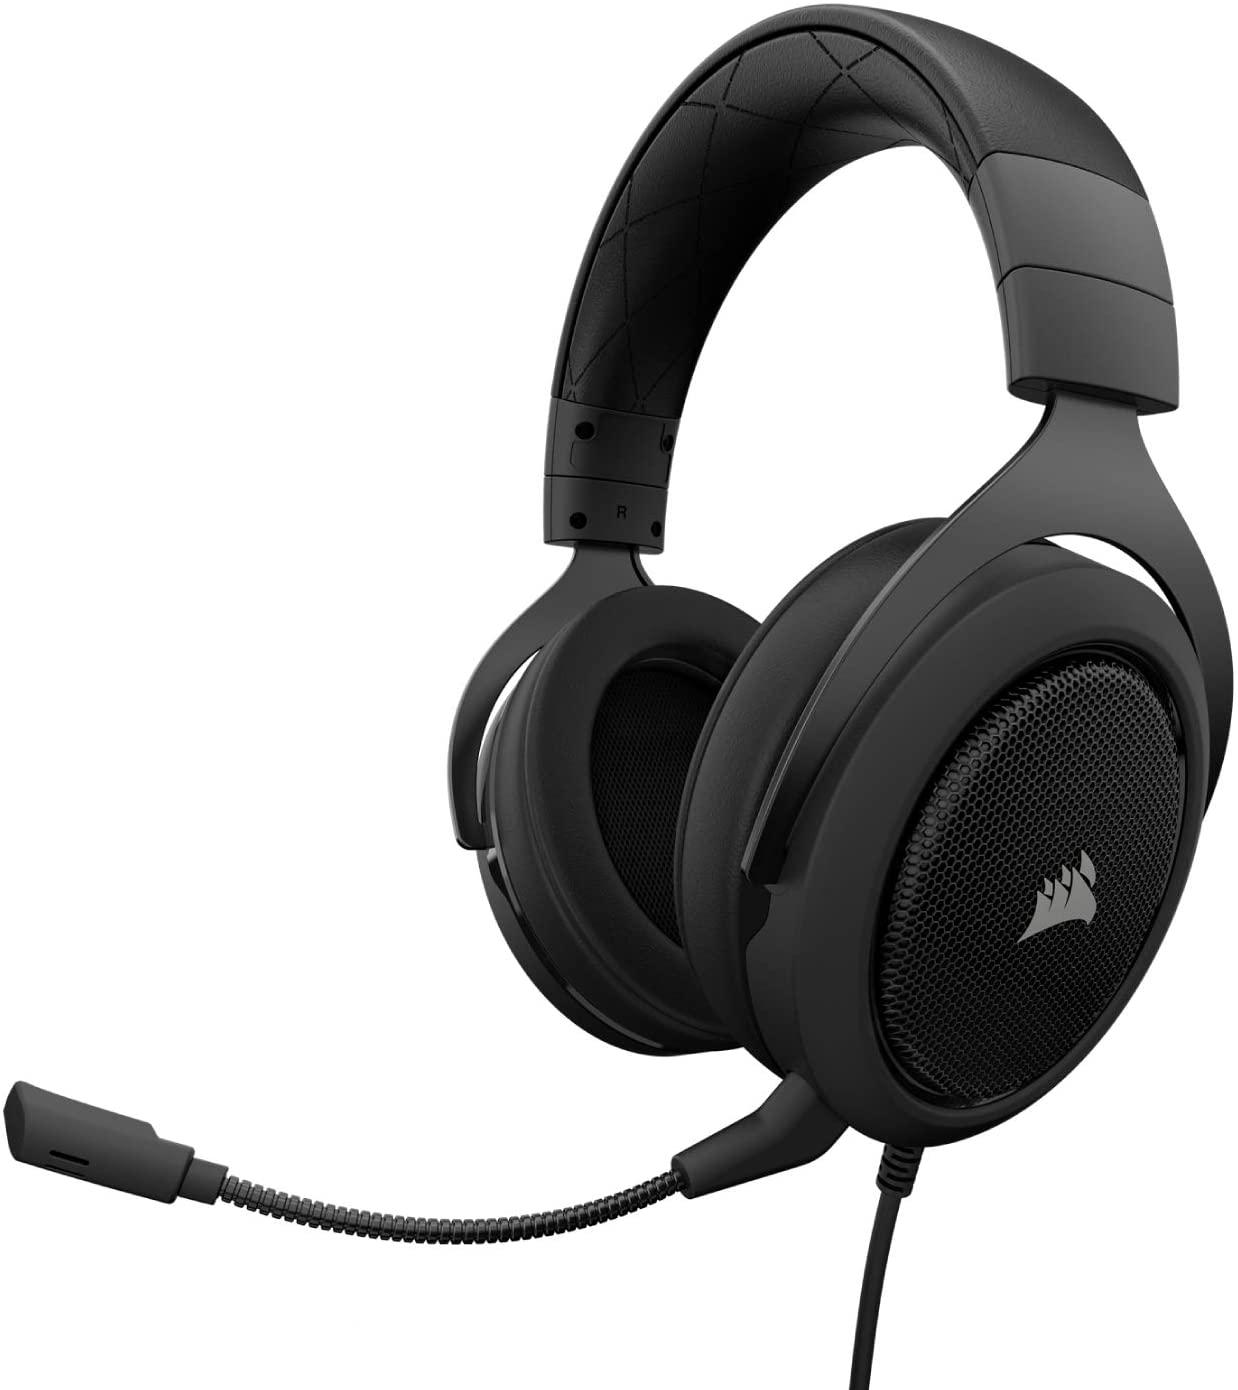 Cascos / auriculares Corsair HS50 Stereo con micrófono desmontable